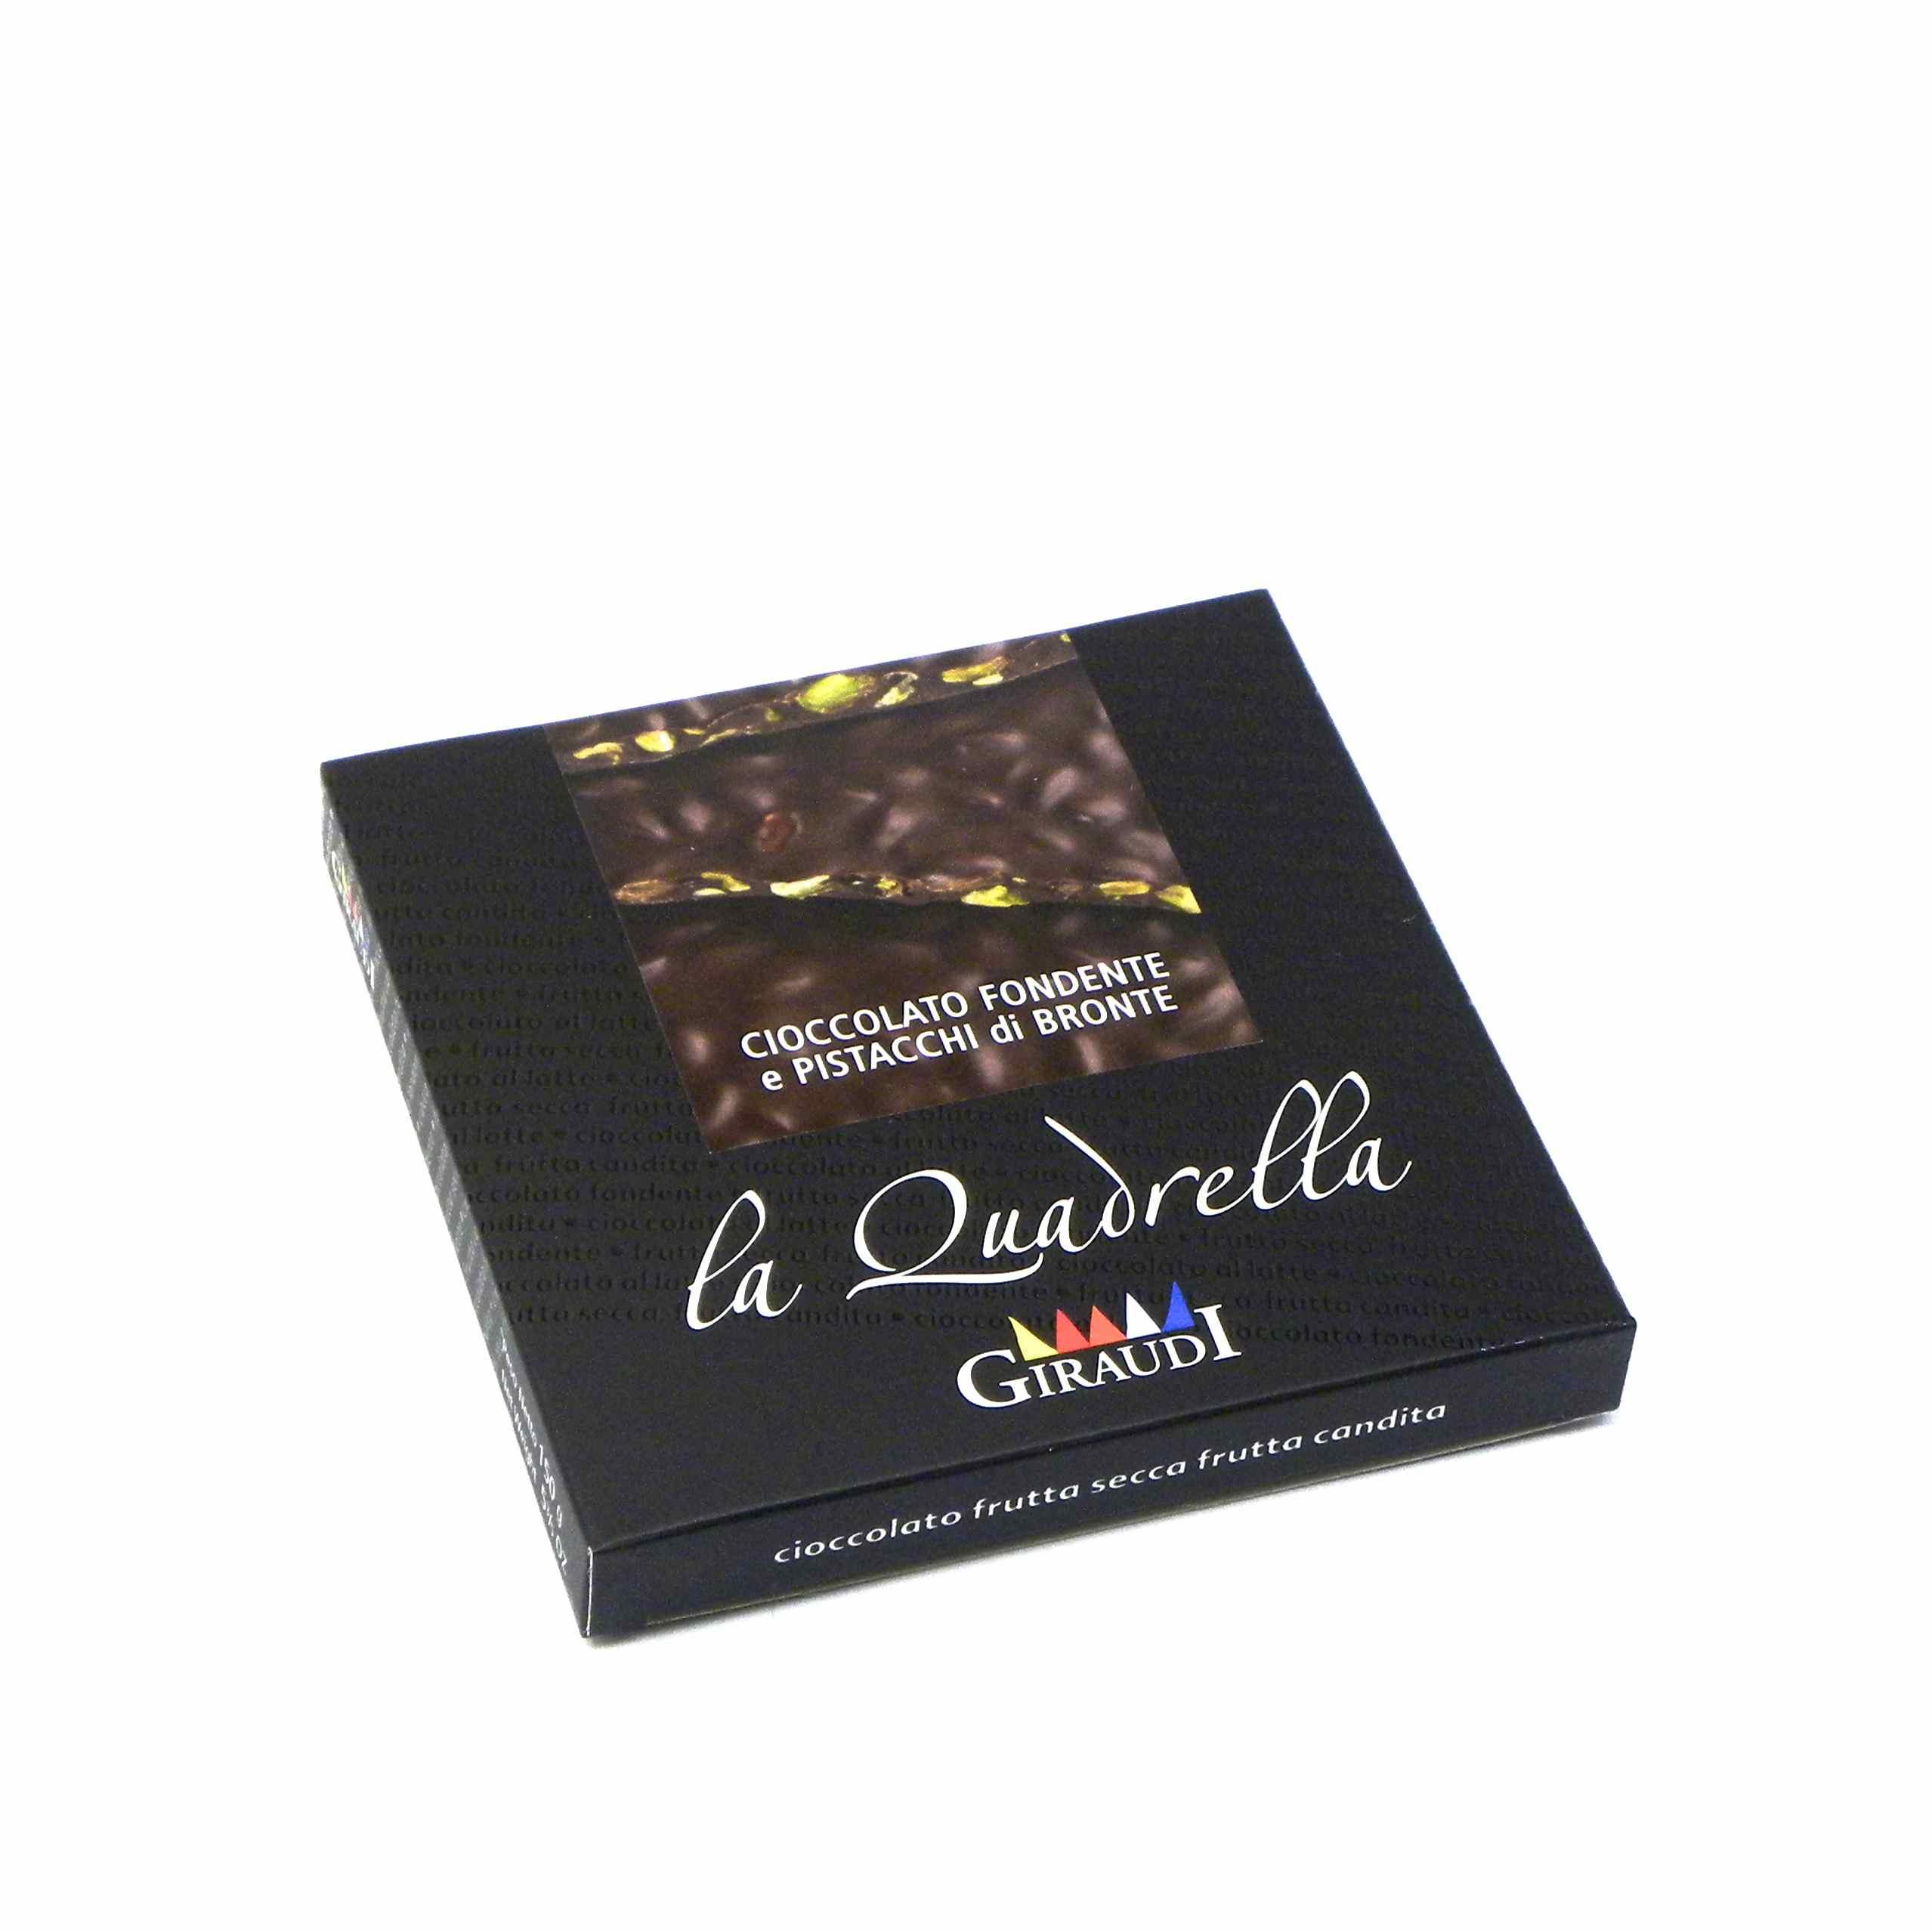 Giraudi quadrella pistacchio cioccolato fondente – Giraudi quadrella dark chocolate pistacchio – Gustorotondo – Italian food boutique